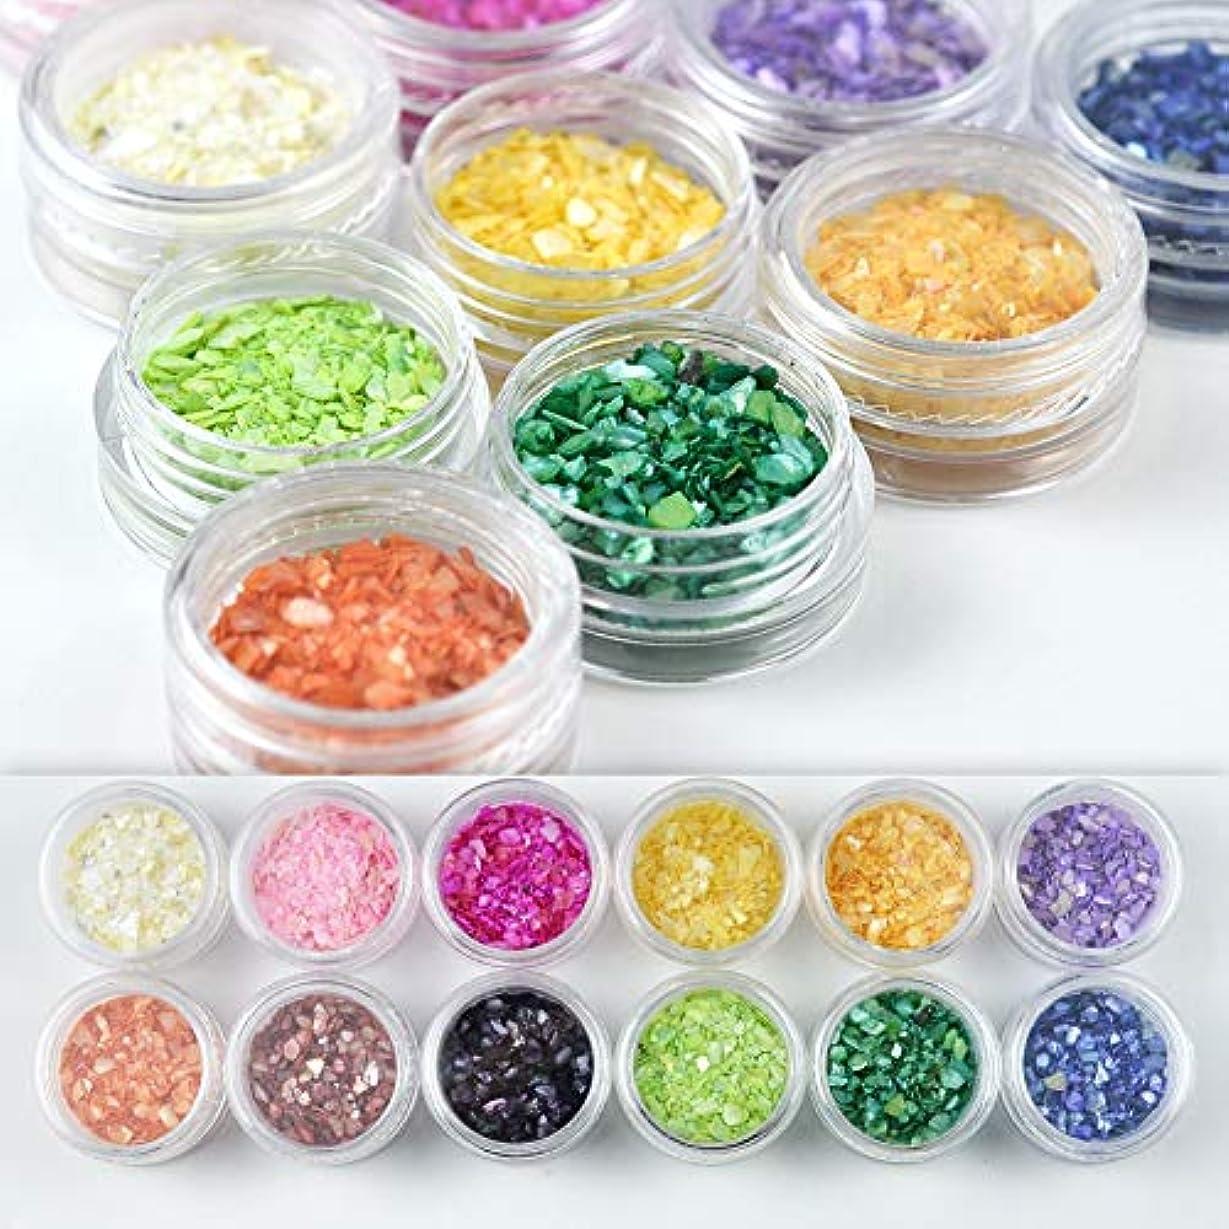 分類申し立てられたしばしばメーリンドス マニキュアシェルパーツ シェルパウダー貝殻効果スパンコール DIYグリッターデザイン ミックスサイズ 厳選12色/セット